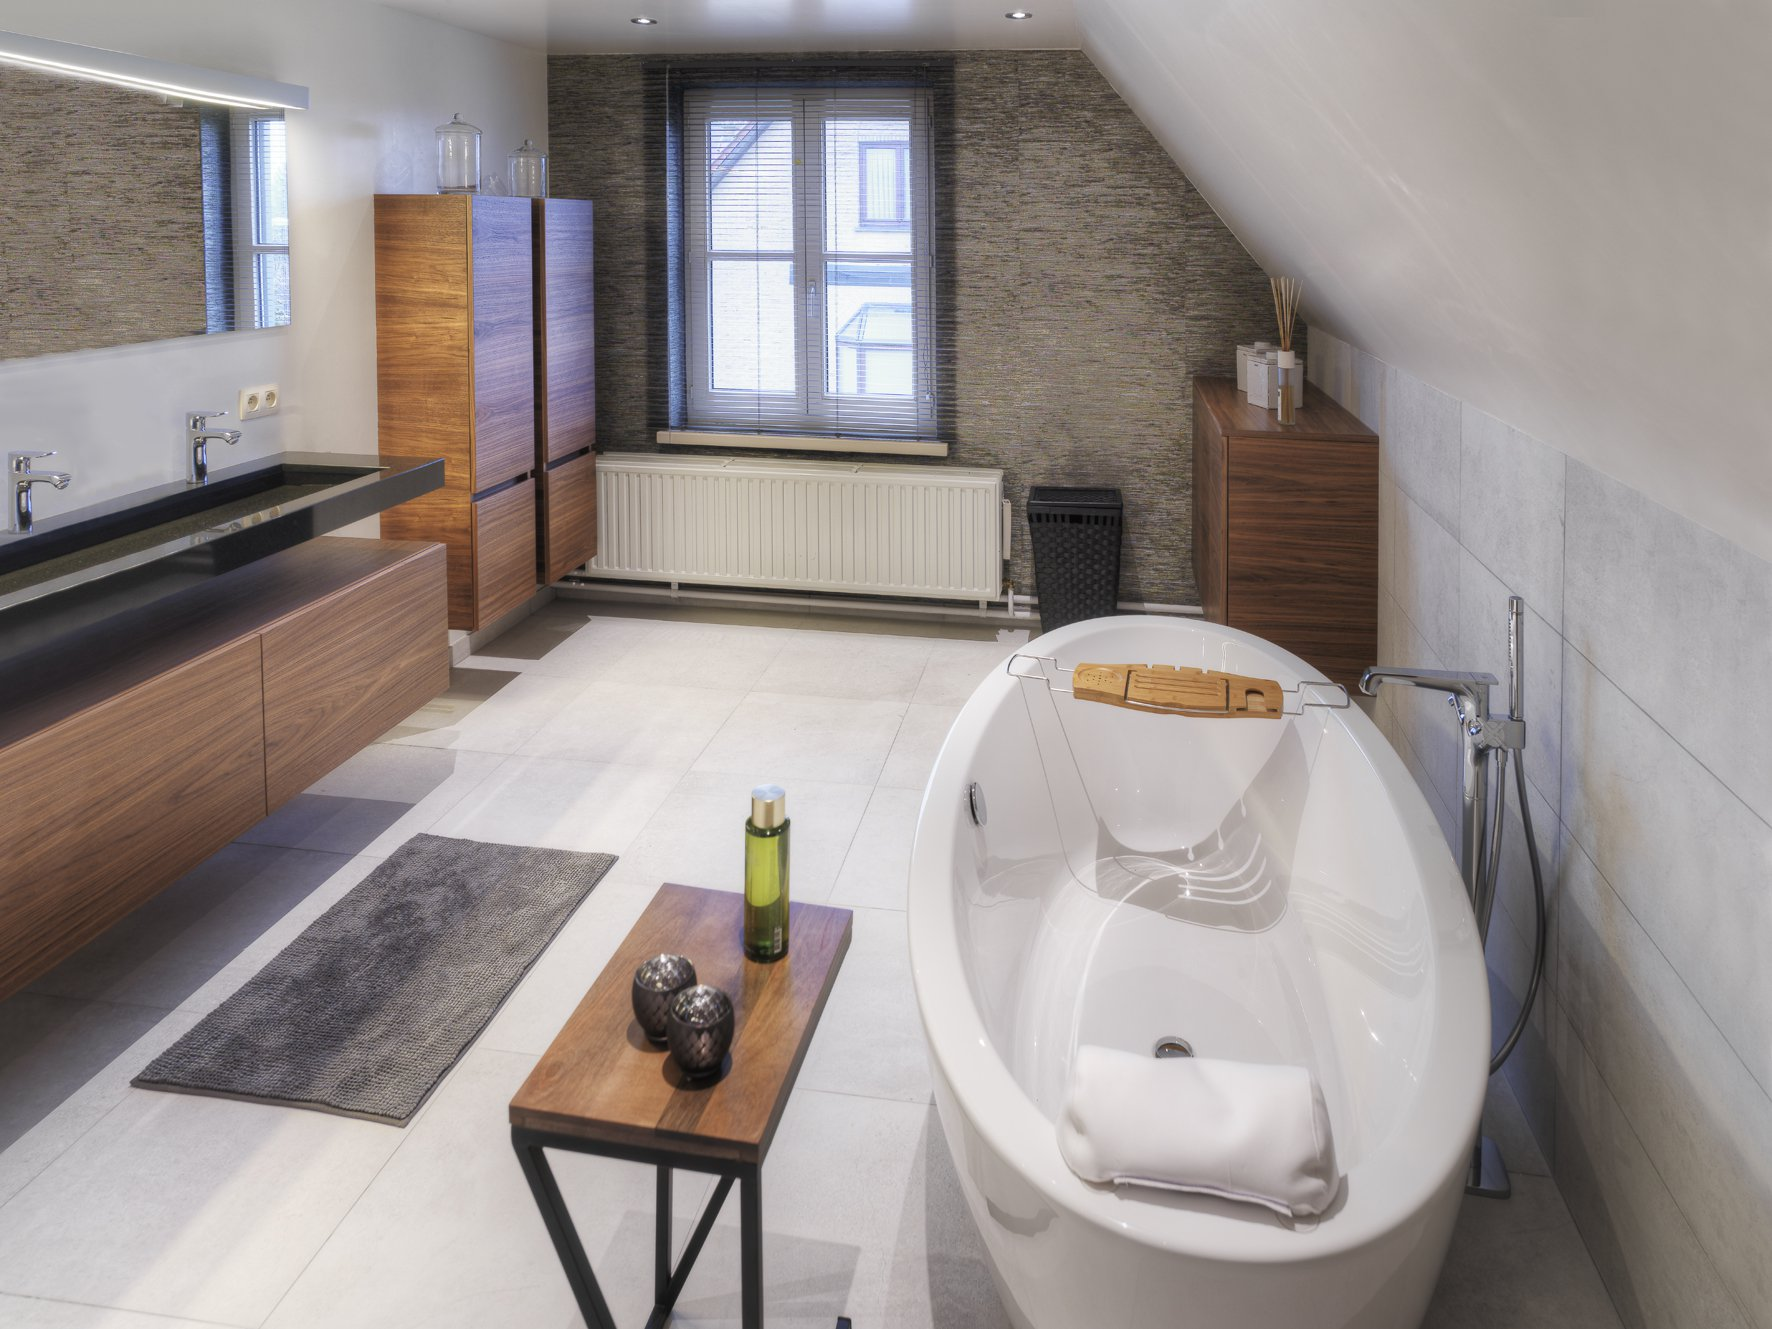 Assenti-badkamers-merk-Mijn-Bad-In-Stijl-badkamer-merken-5